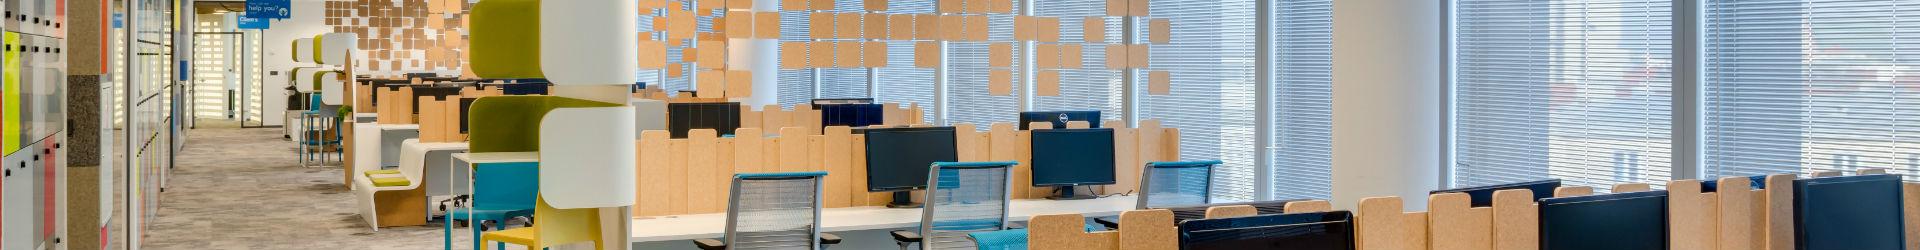 Bürovermietung Startups